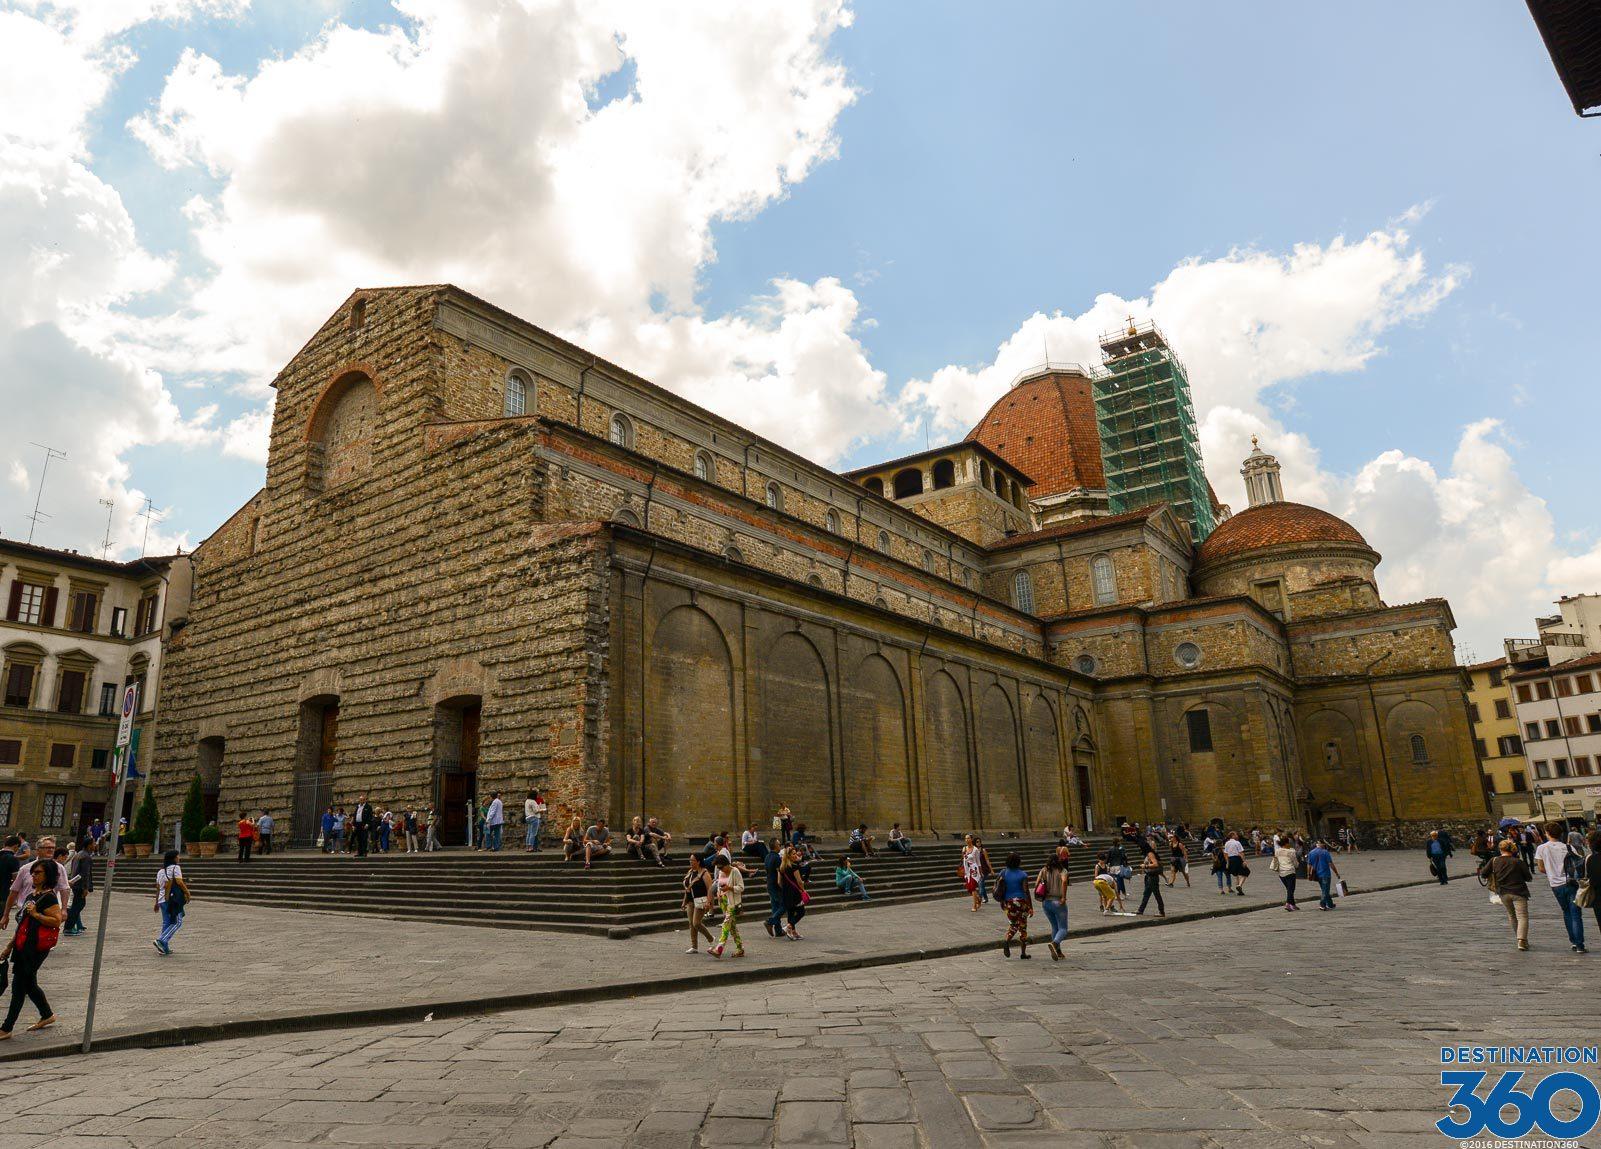 Basilica Di San Lorenzo Basilica In Florence